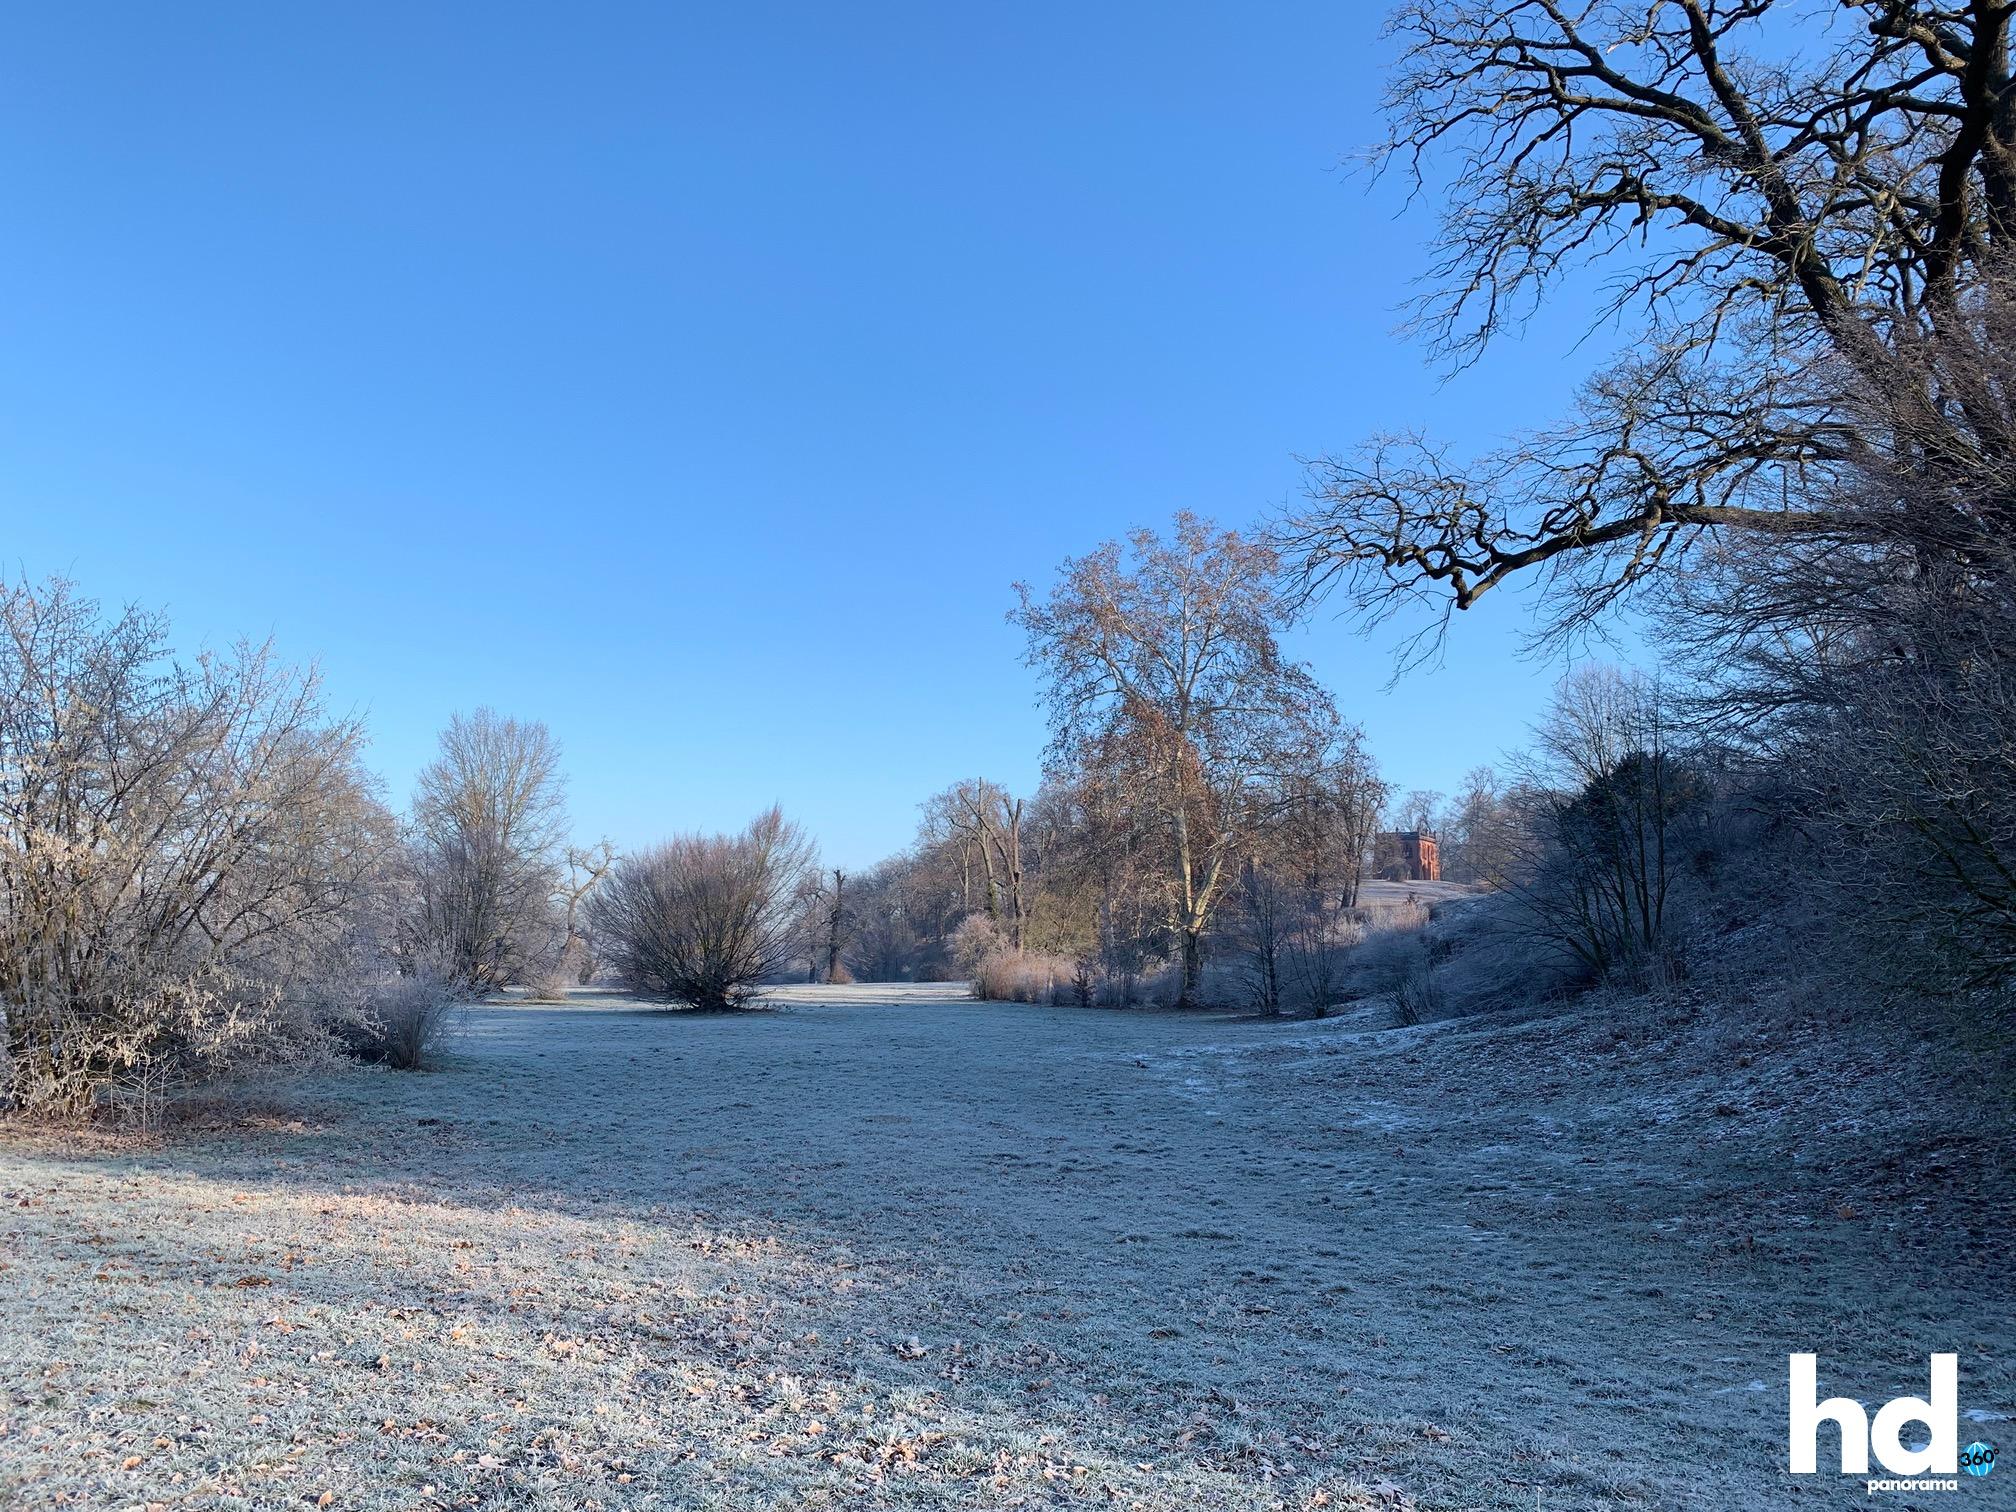 Park Babelsberg: Alles sehr frostig - Blick auf die Gerichtslaube - HD-Panorama © René Blanke